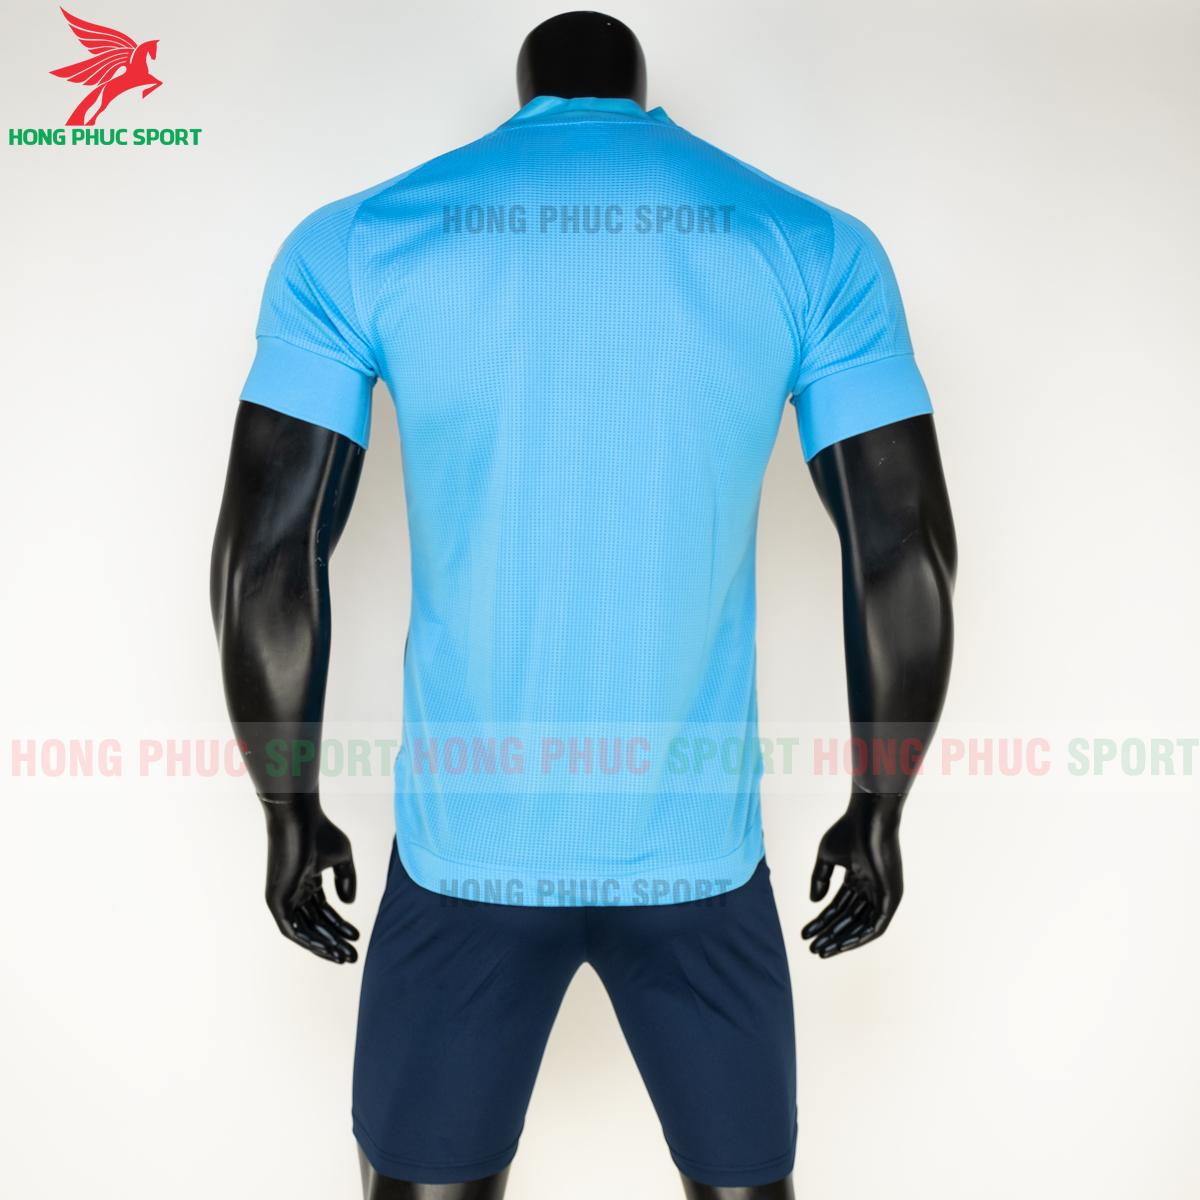 Áo đá banh không logo Condivo ba lá Adidas 2020 2021 mẫu 5 (sau)